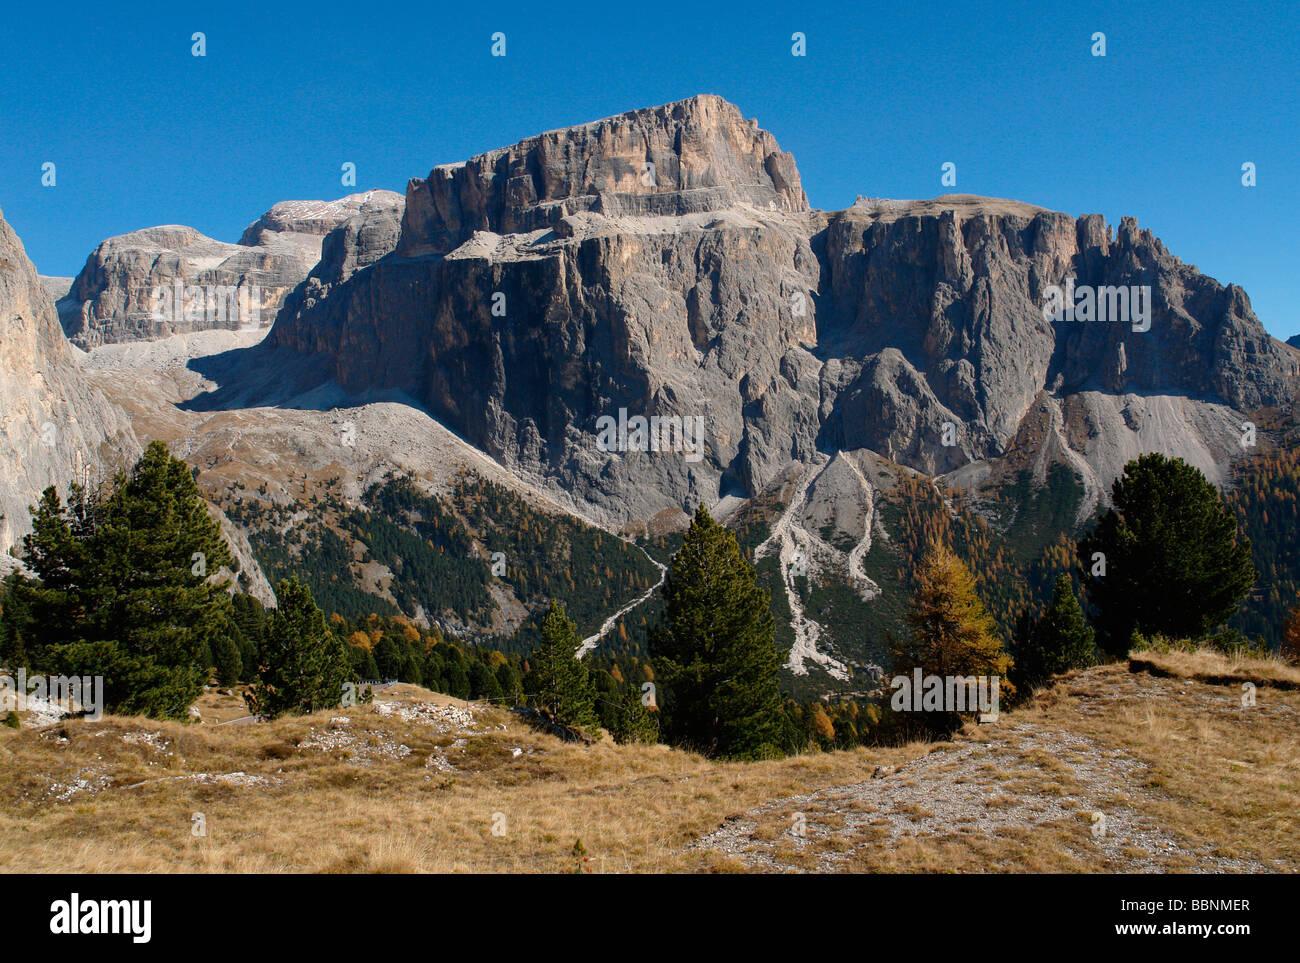 Geografia / viaggi, Italia, Trentino - Alto Adige, Passo Pordoi: Paesaggio con Sella gruppo montuoso, Additional Immagini Stock